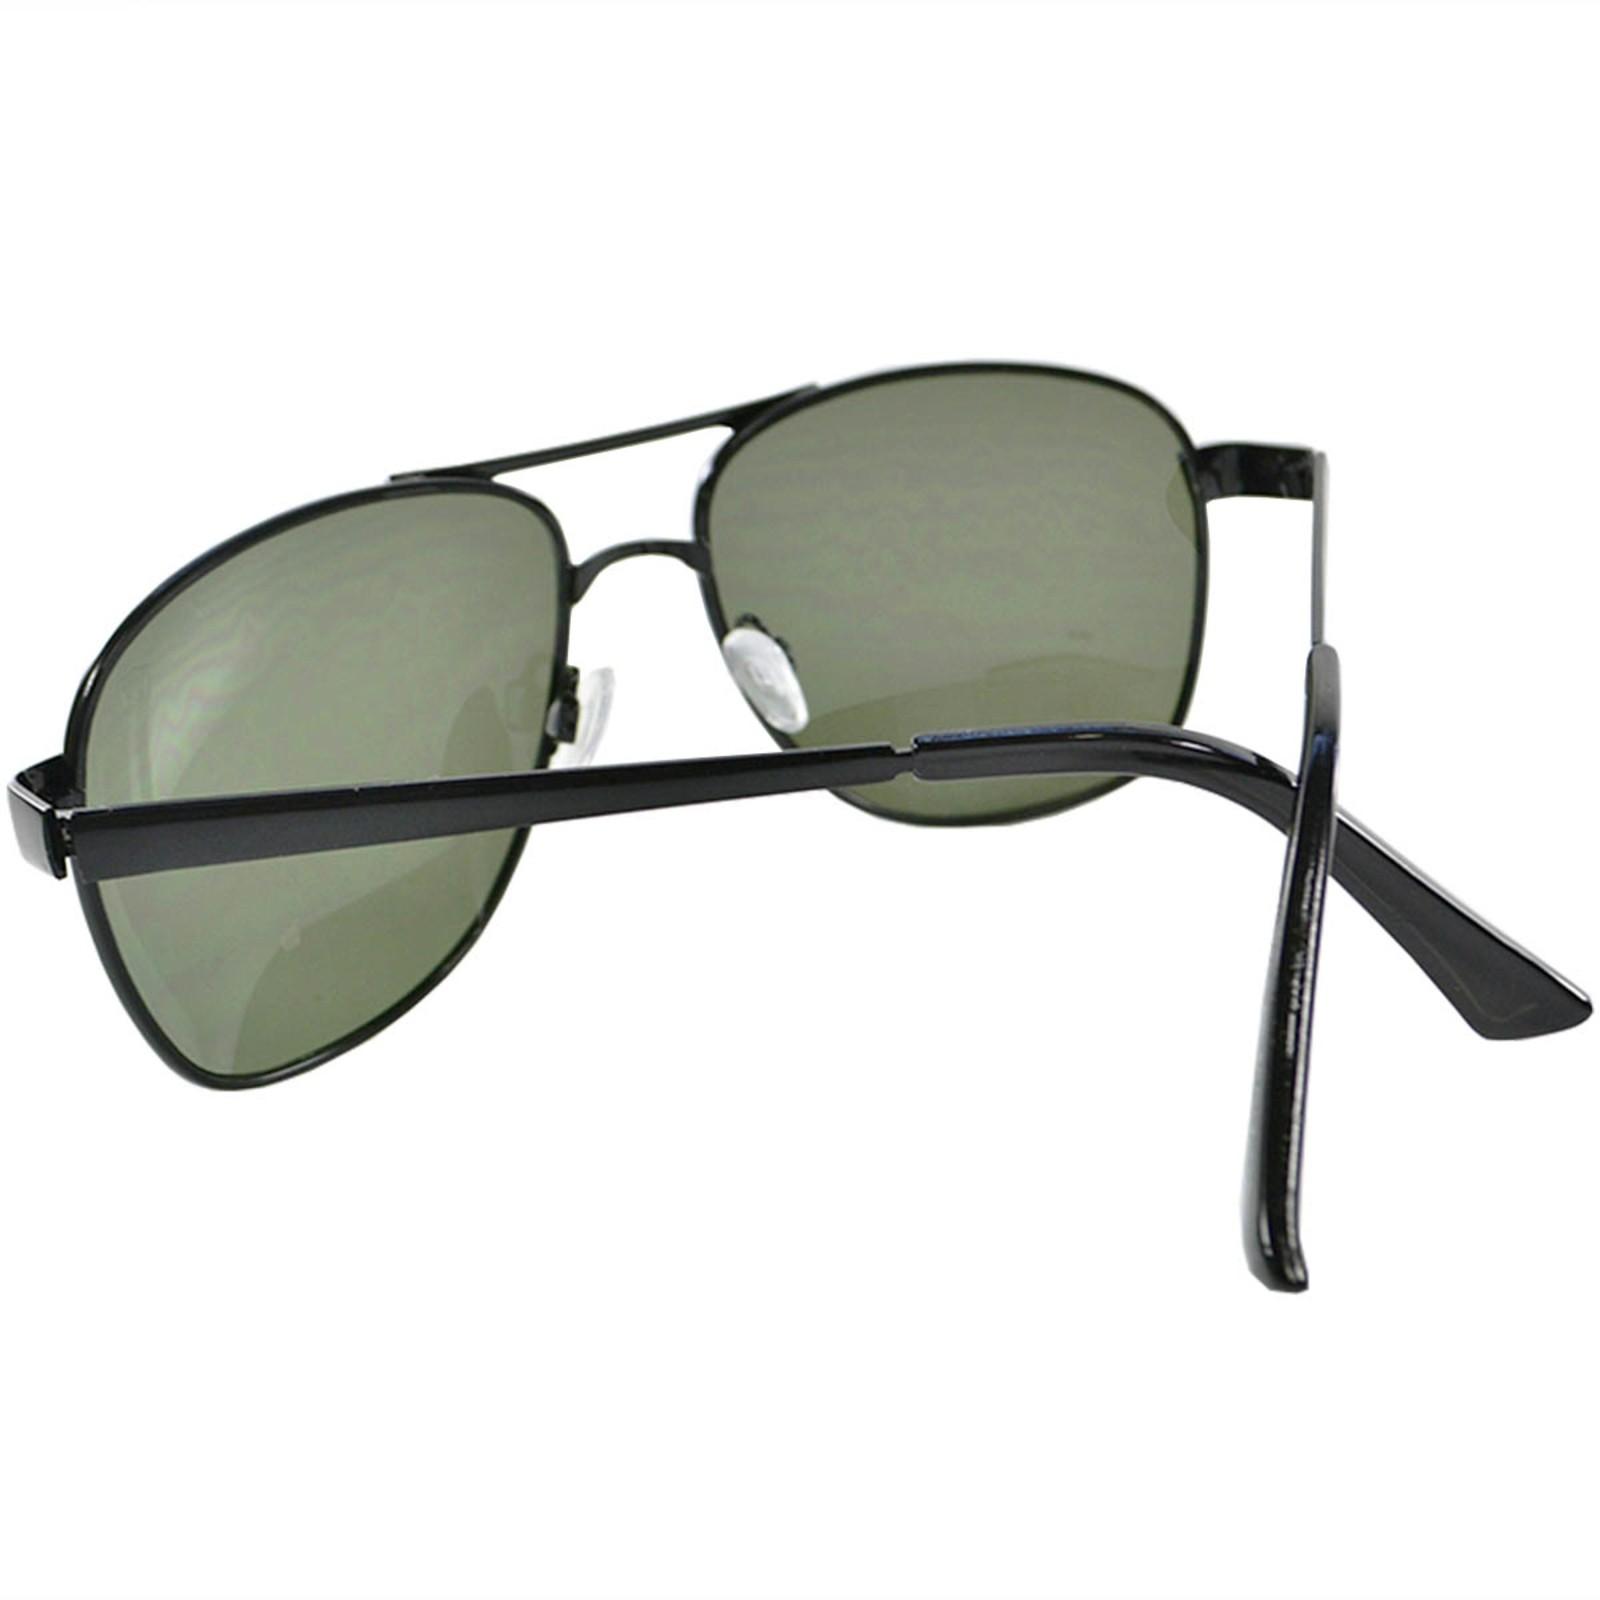 Óculos de Sol Mackage Masculino Metal Aviador - Grafite/Verde